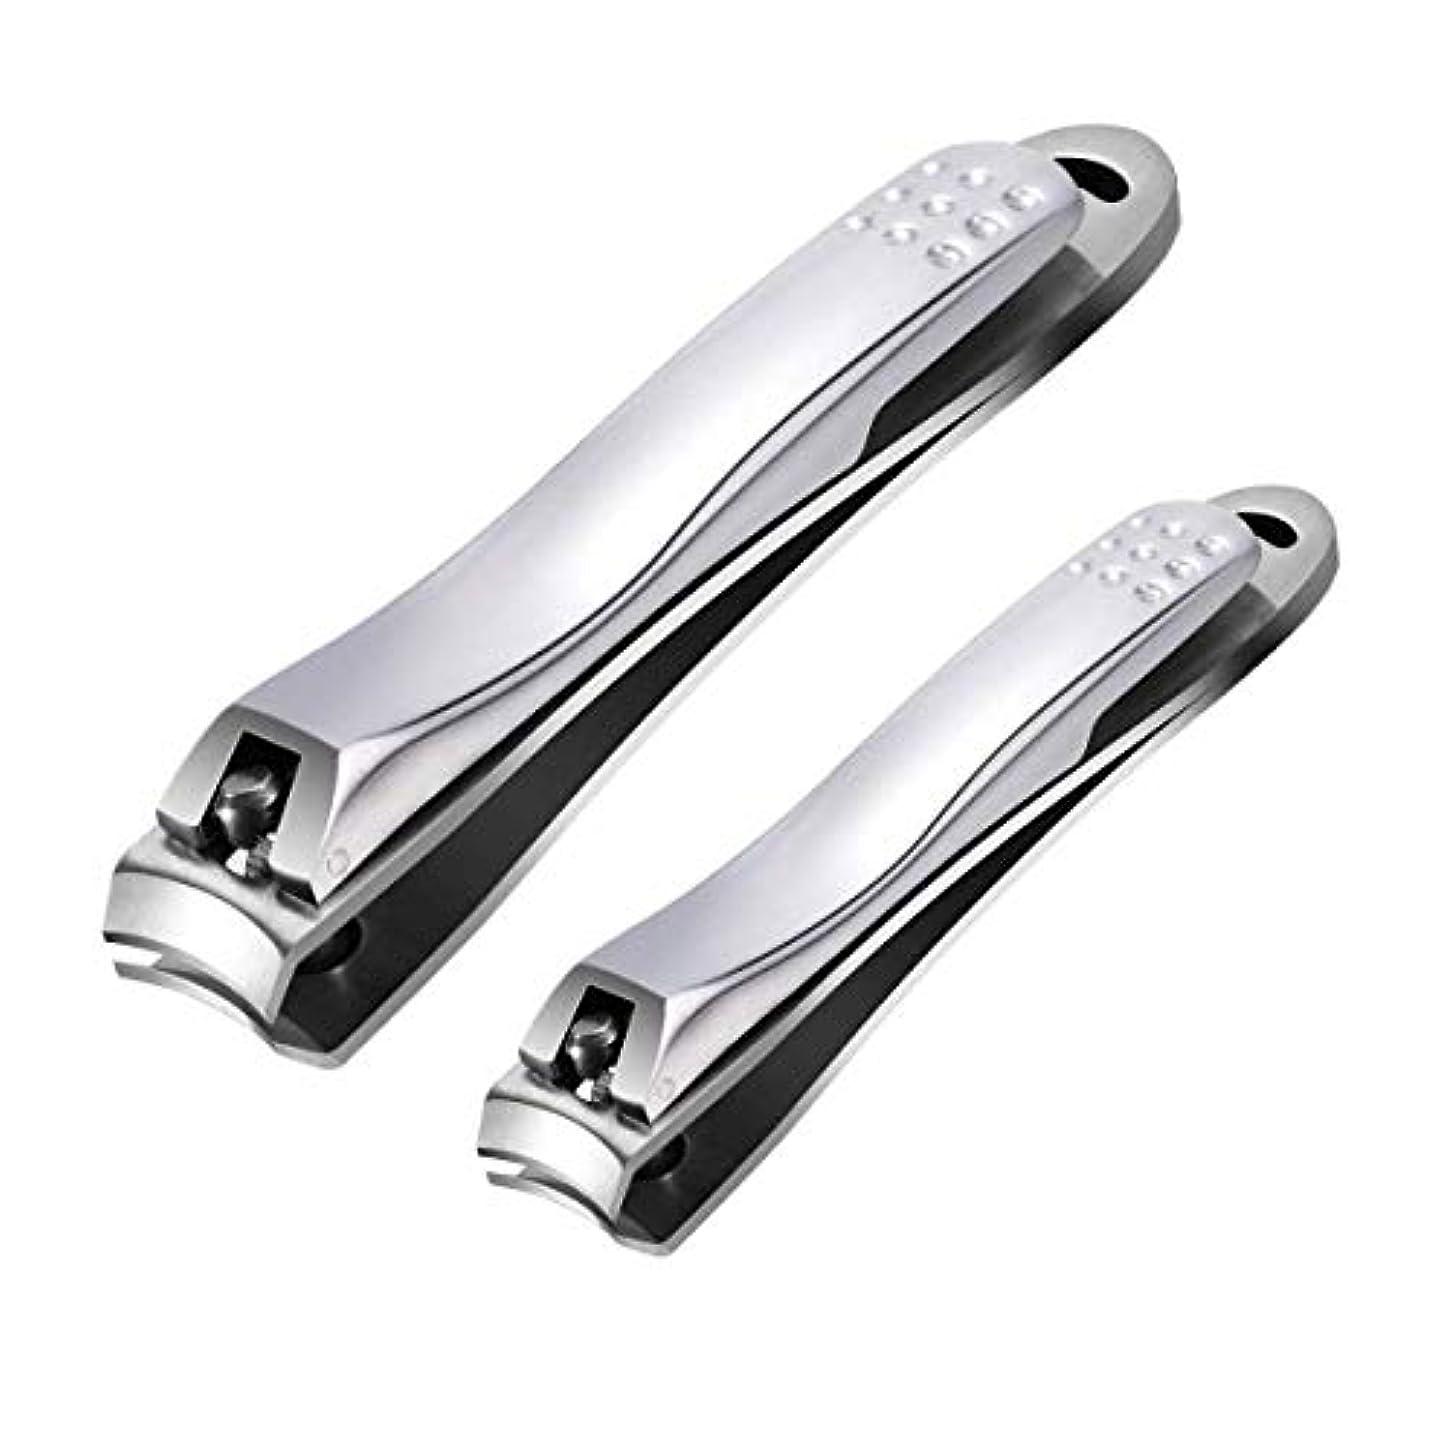 恐れエッセンス浴つめきり ステンレス製高級 爪切り 爪やすり付き 手足はがね ツメキリ 握りやすい スパット切れる レザーケース付き付属 (2サイズ)